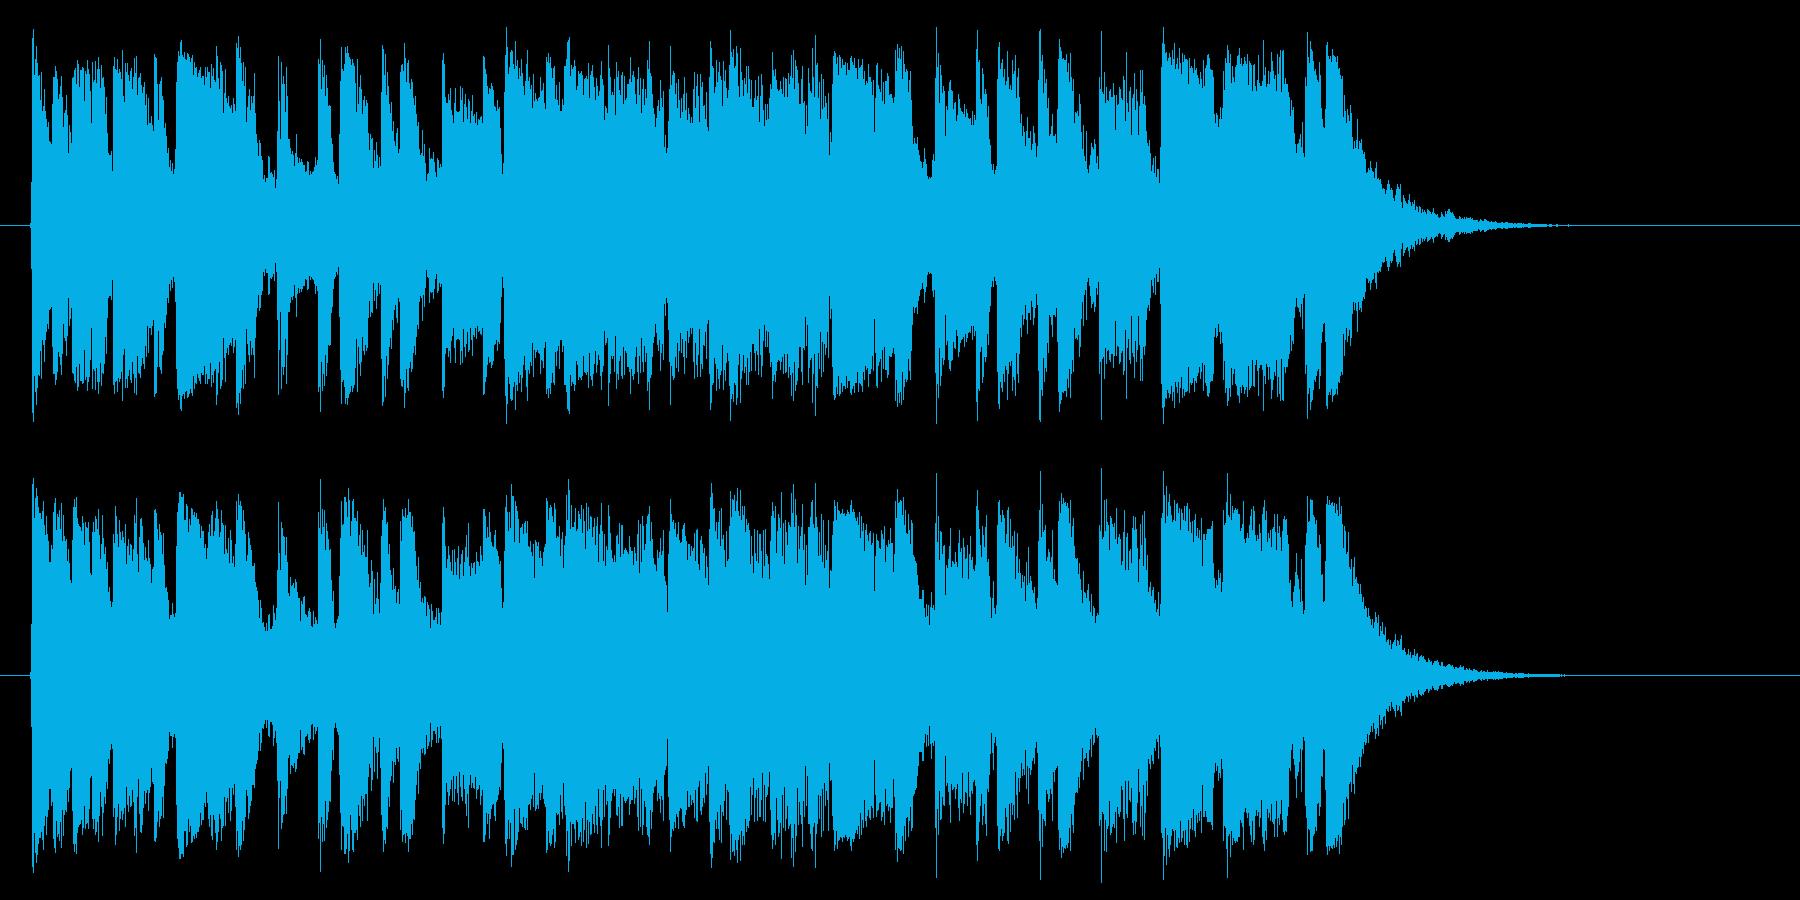 アップテンポなポップスのバンドのジングルの再生済みの波形